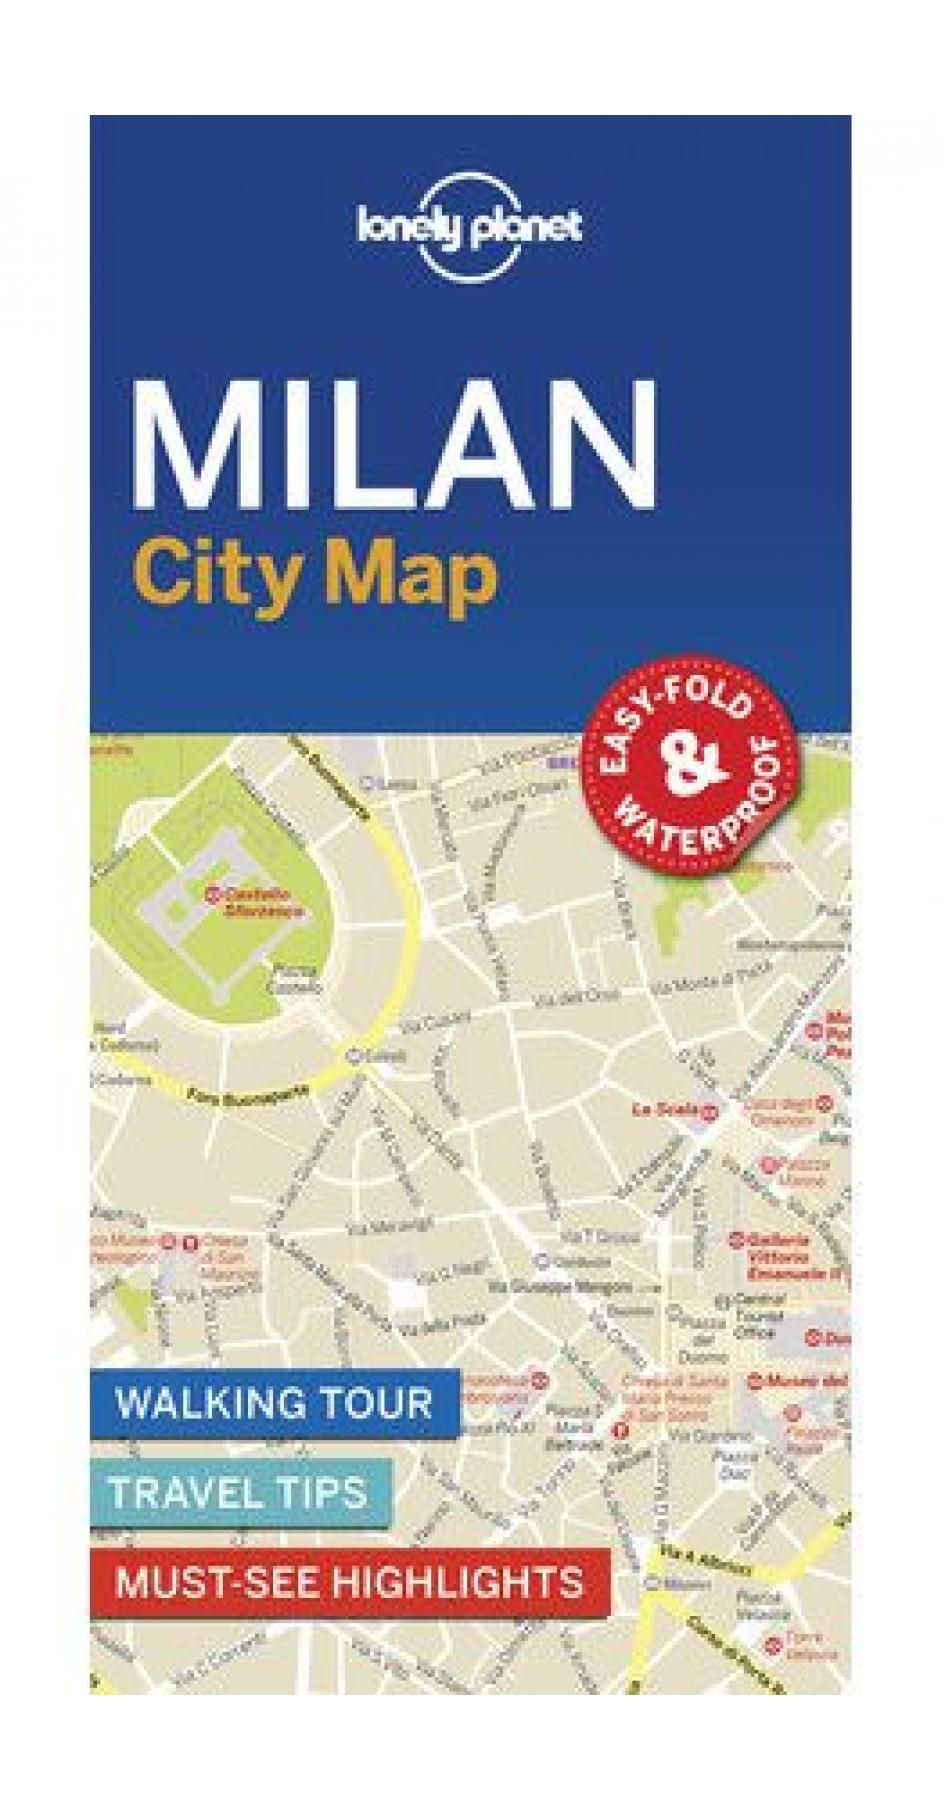 Milan City map